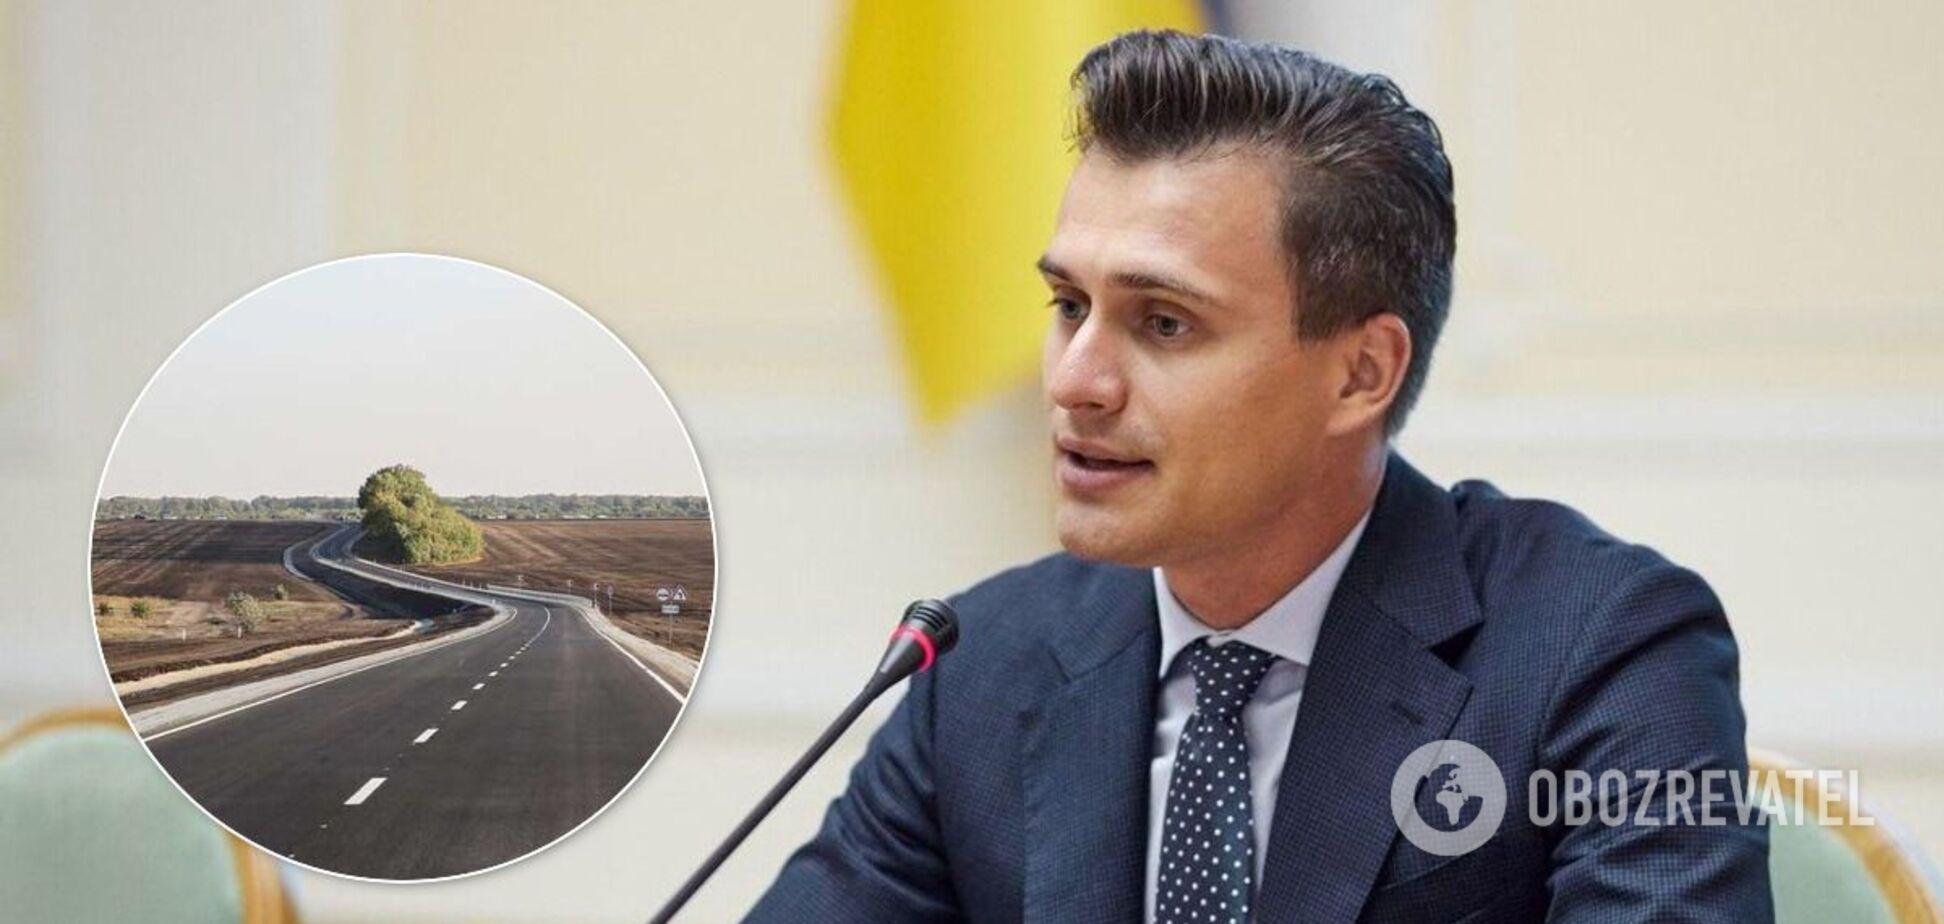 Скічко не став заперечувати, що хоче очолити Міністерство інфраструктури